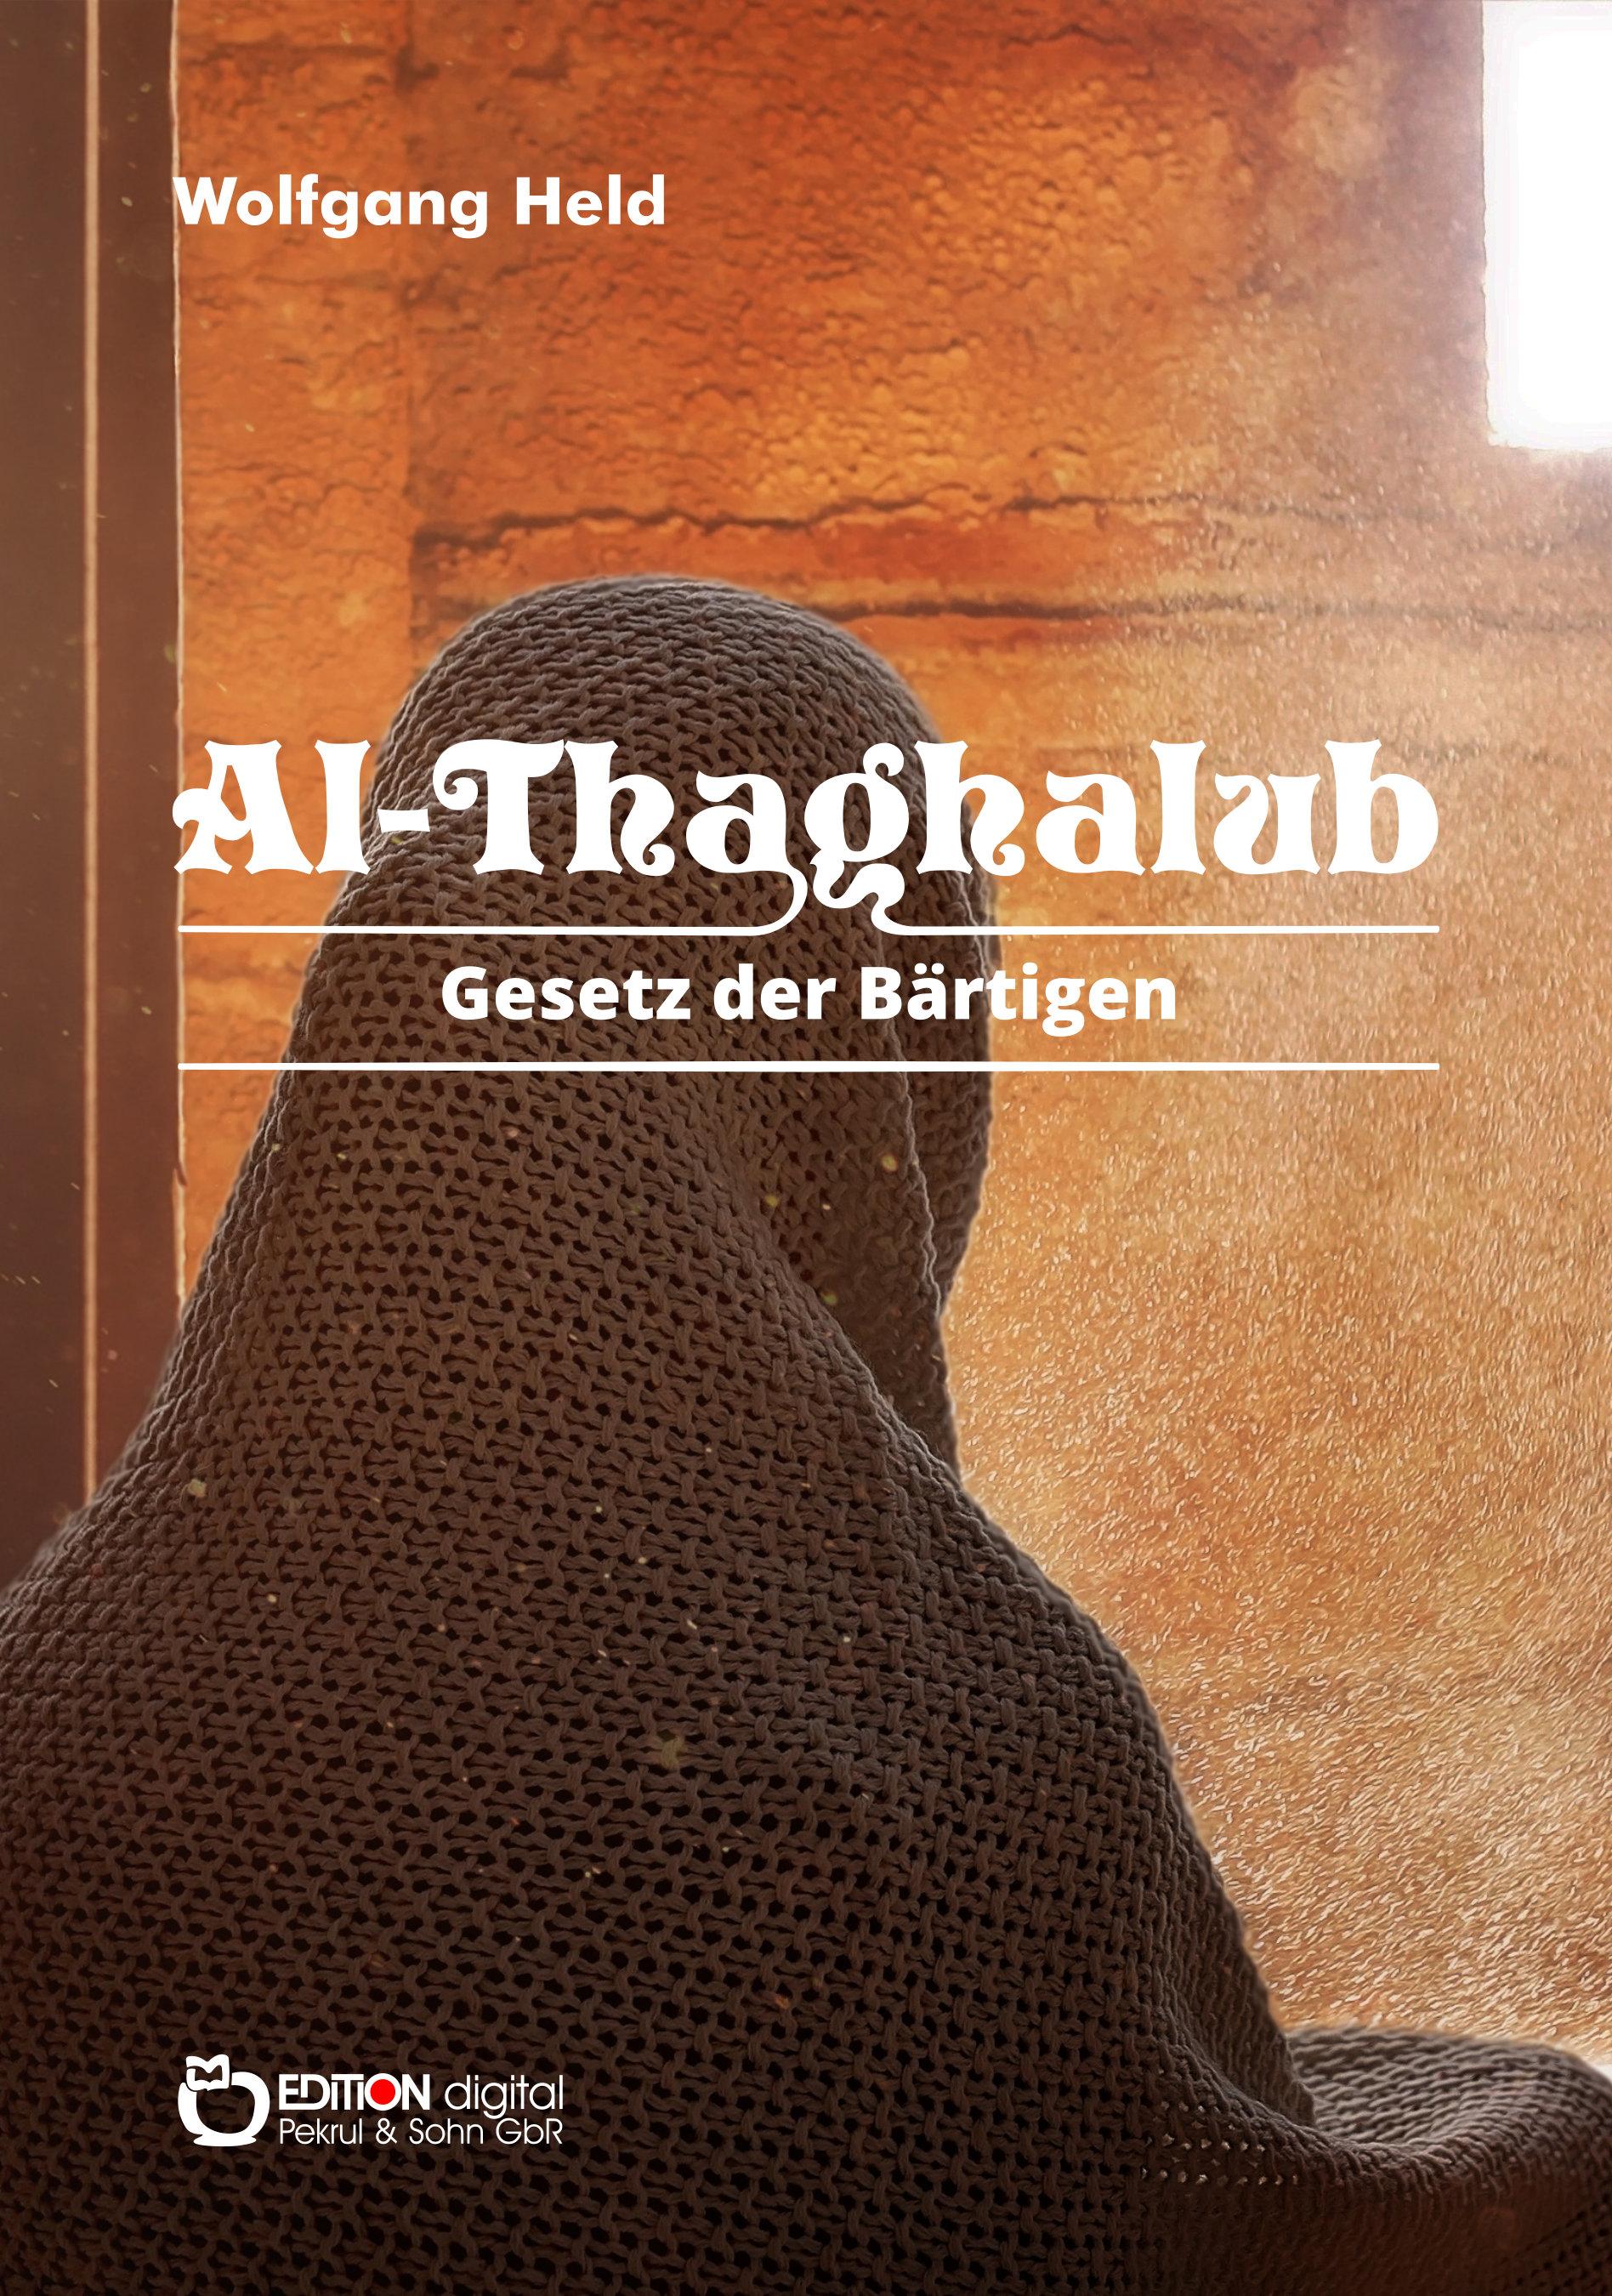 Al-Taghalub. Gesetz der Bärtigen von Wolfgang Held